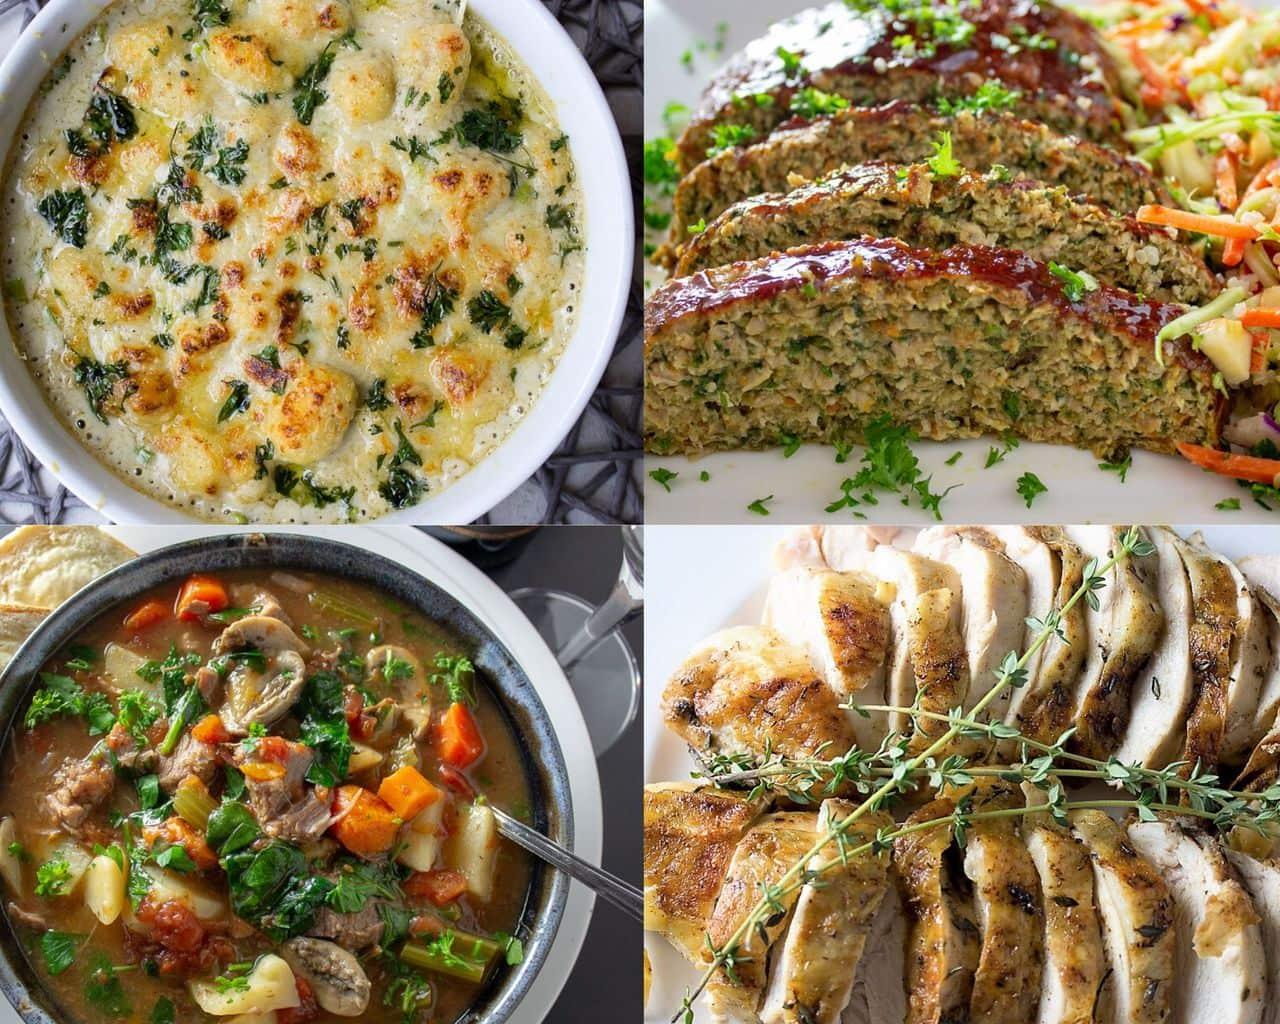 4 comfort food images - gnocchi, meatloaf, sliced roast chicken and veal stew